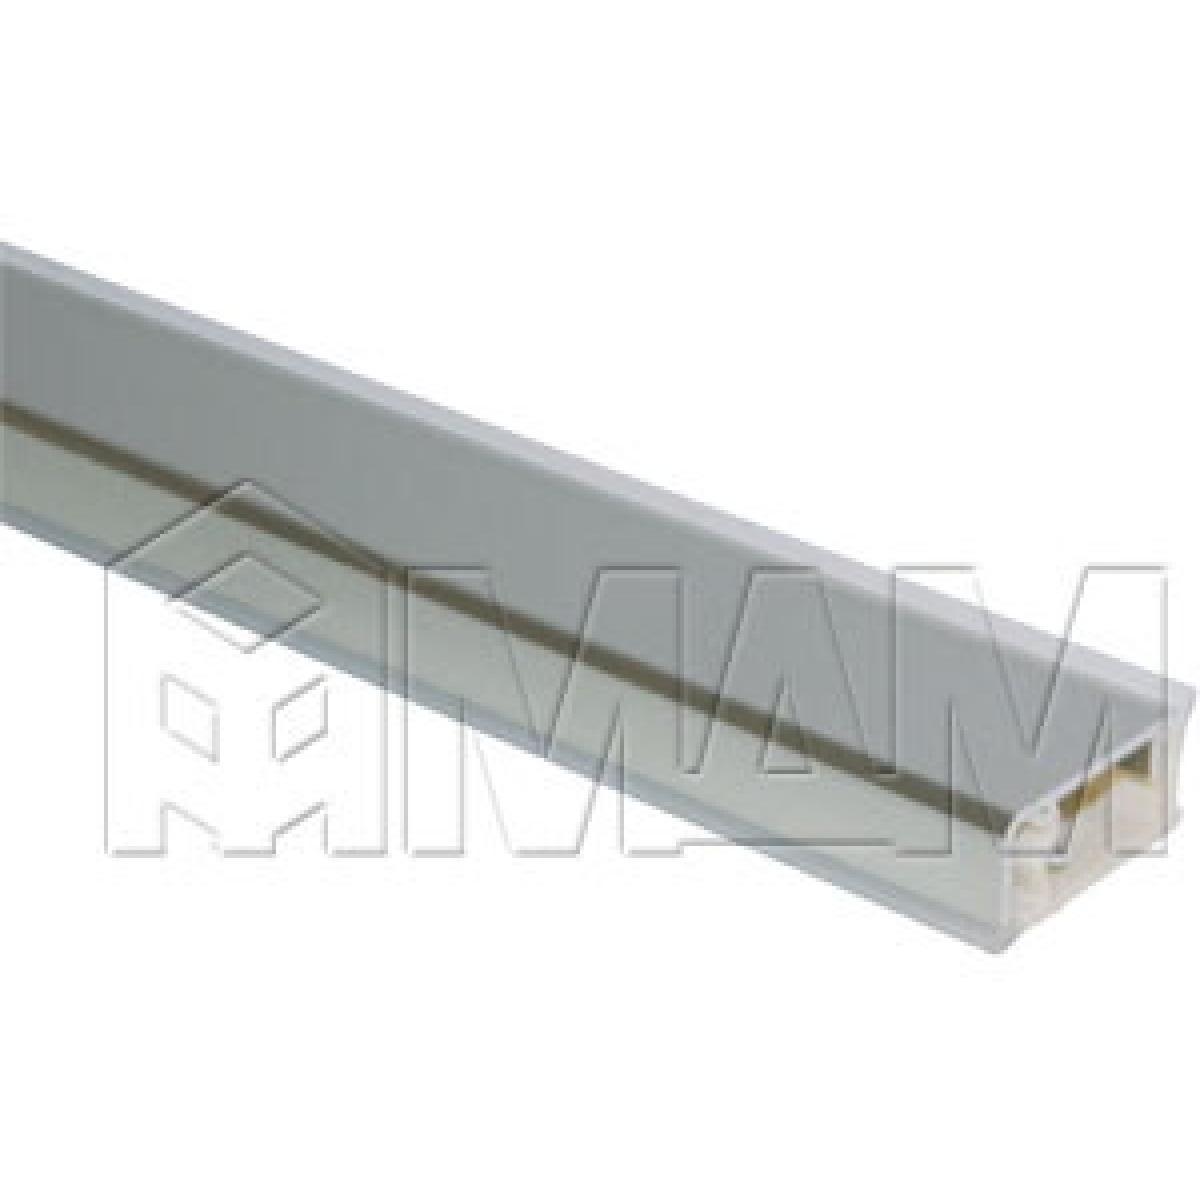 Плинтус алюминиевый прямоугольный горизонтальный L=4,2м, нержавеющая сталь